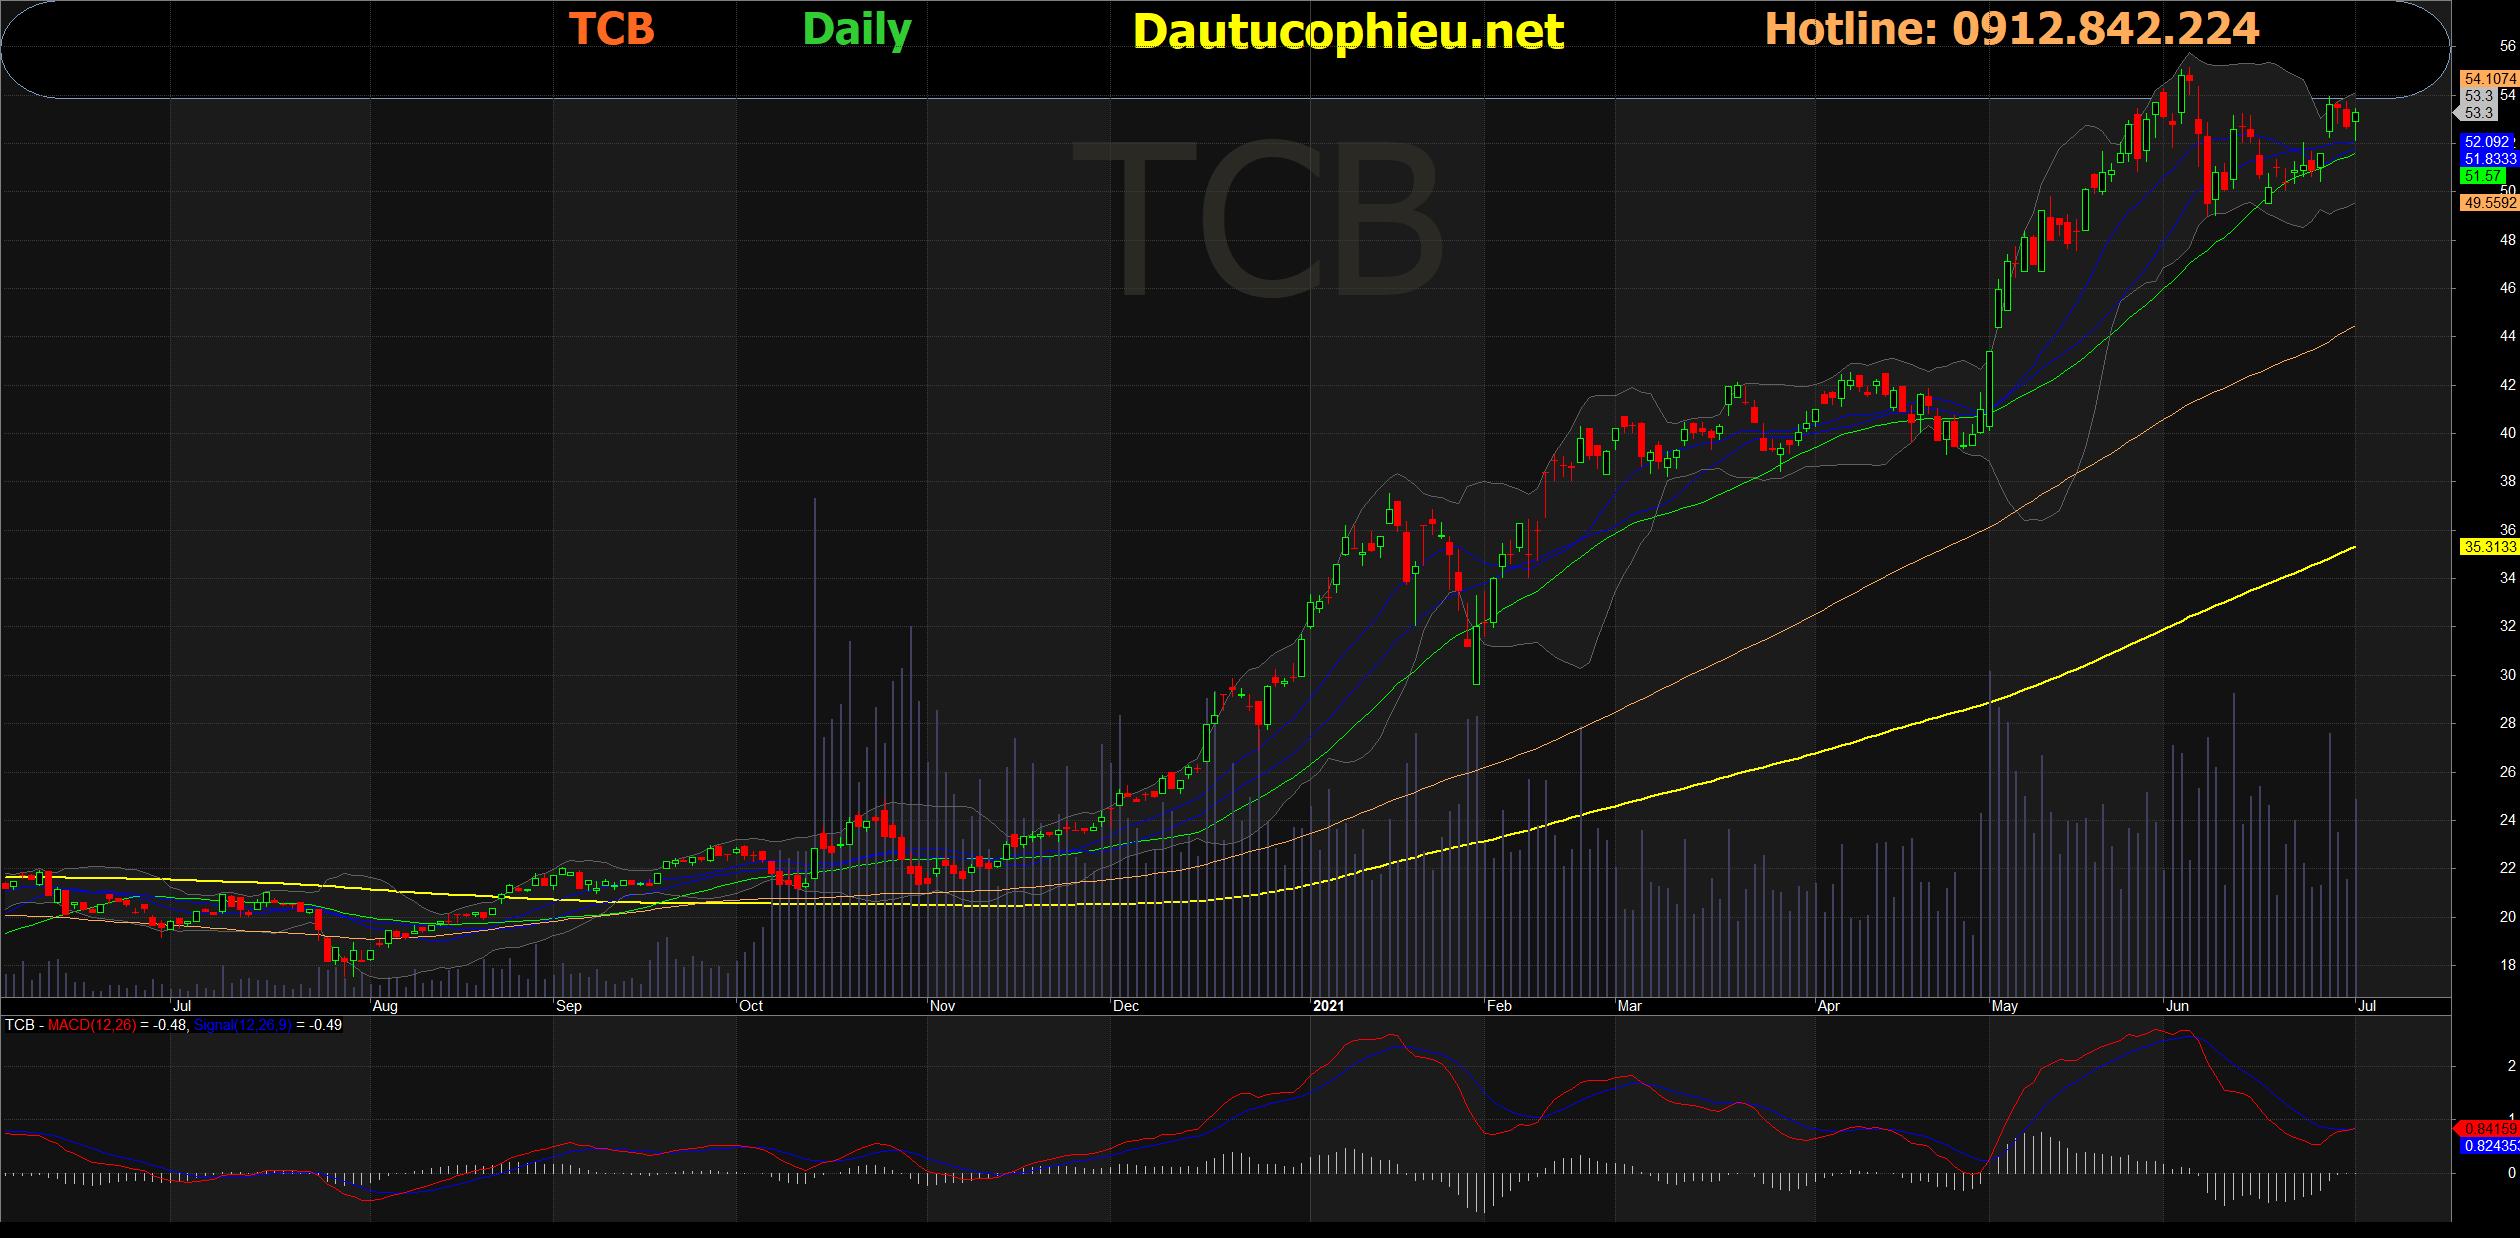 Đồ thị cổ phiếu TCB phiên giao dịch ngày 21/07/2021. Nguồn: AmiBroker